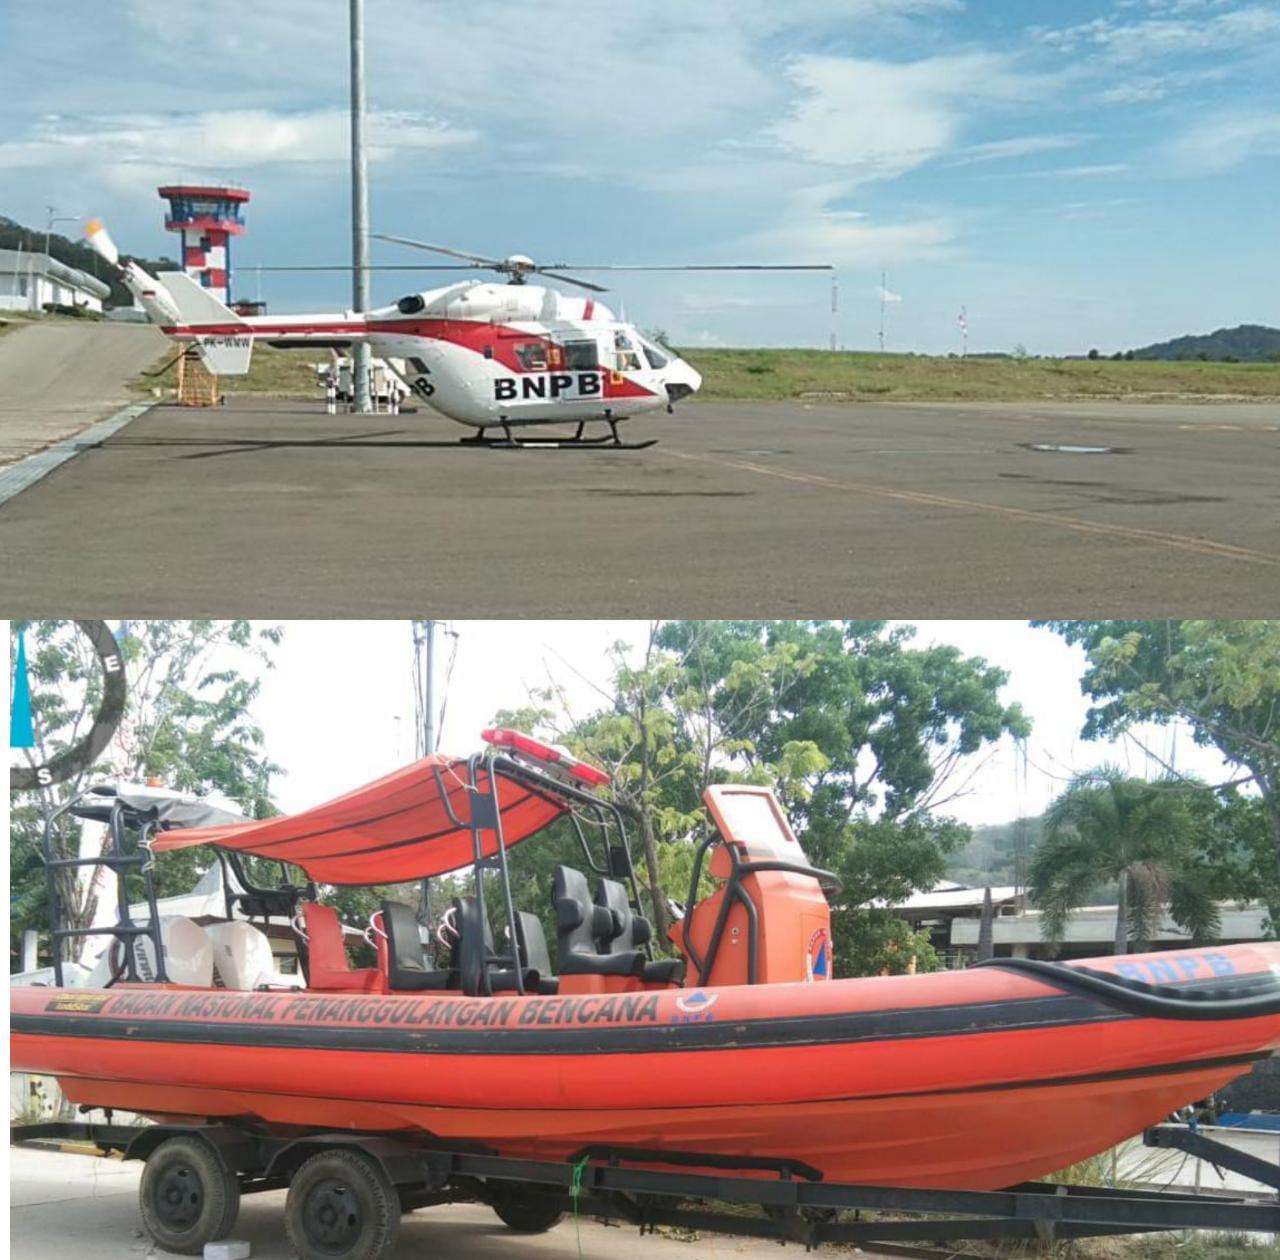 Dukung Wisata Aman, BNPB Berikan Bantuan Armada Laut dan Udara di Labuan Bajo